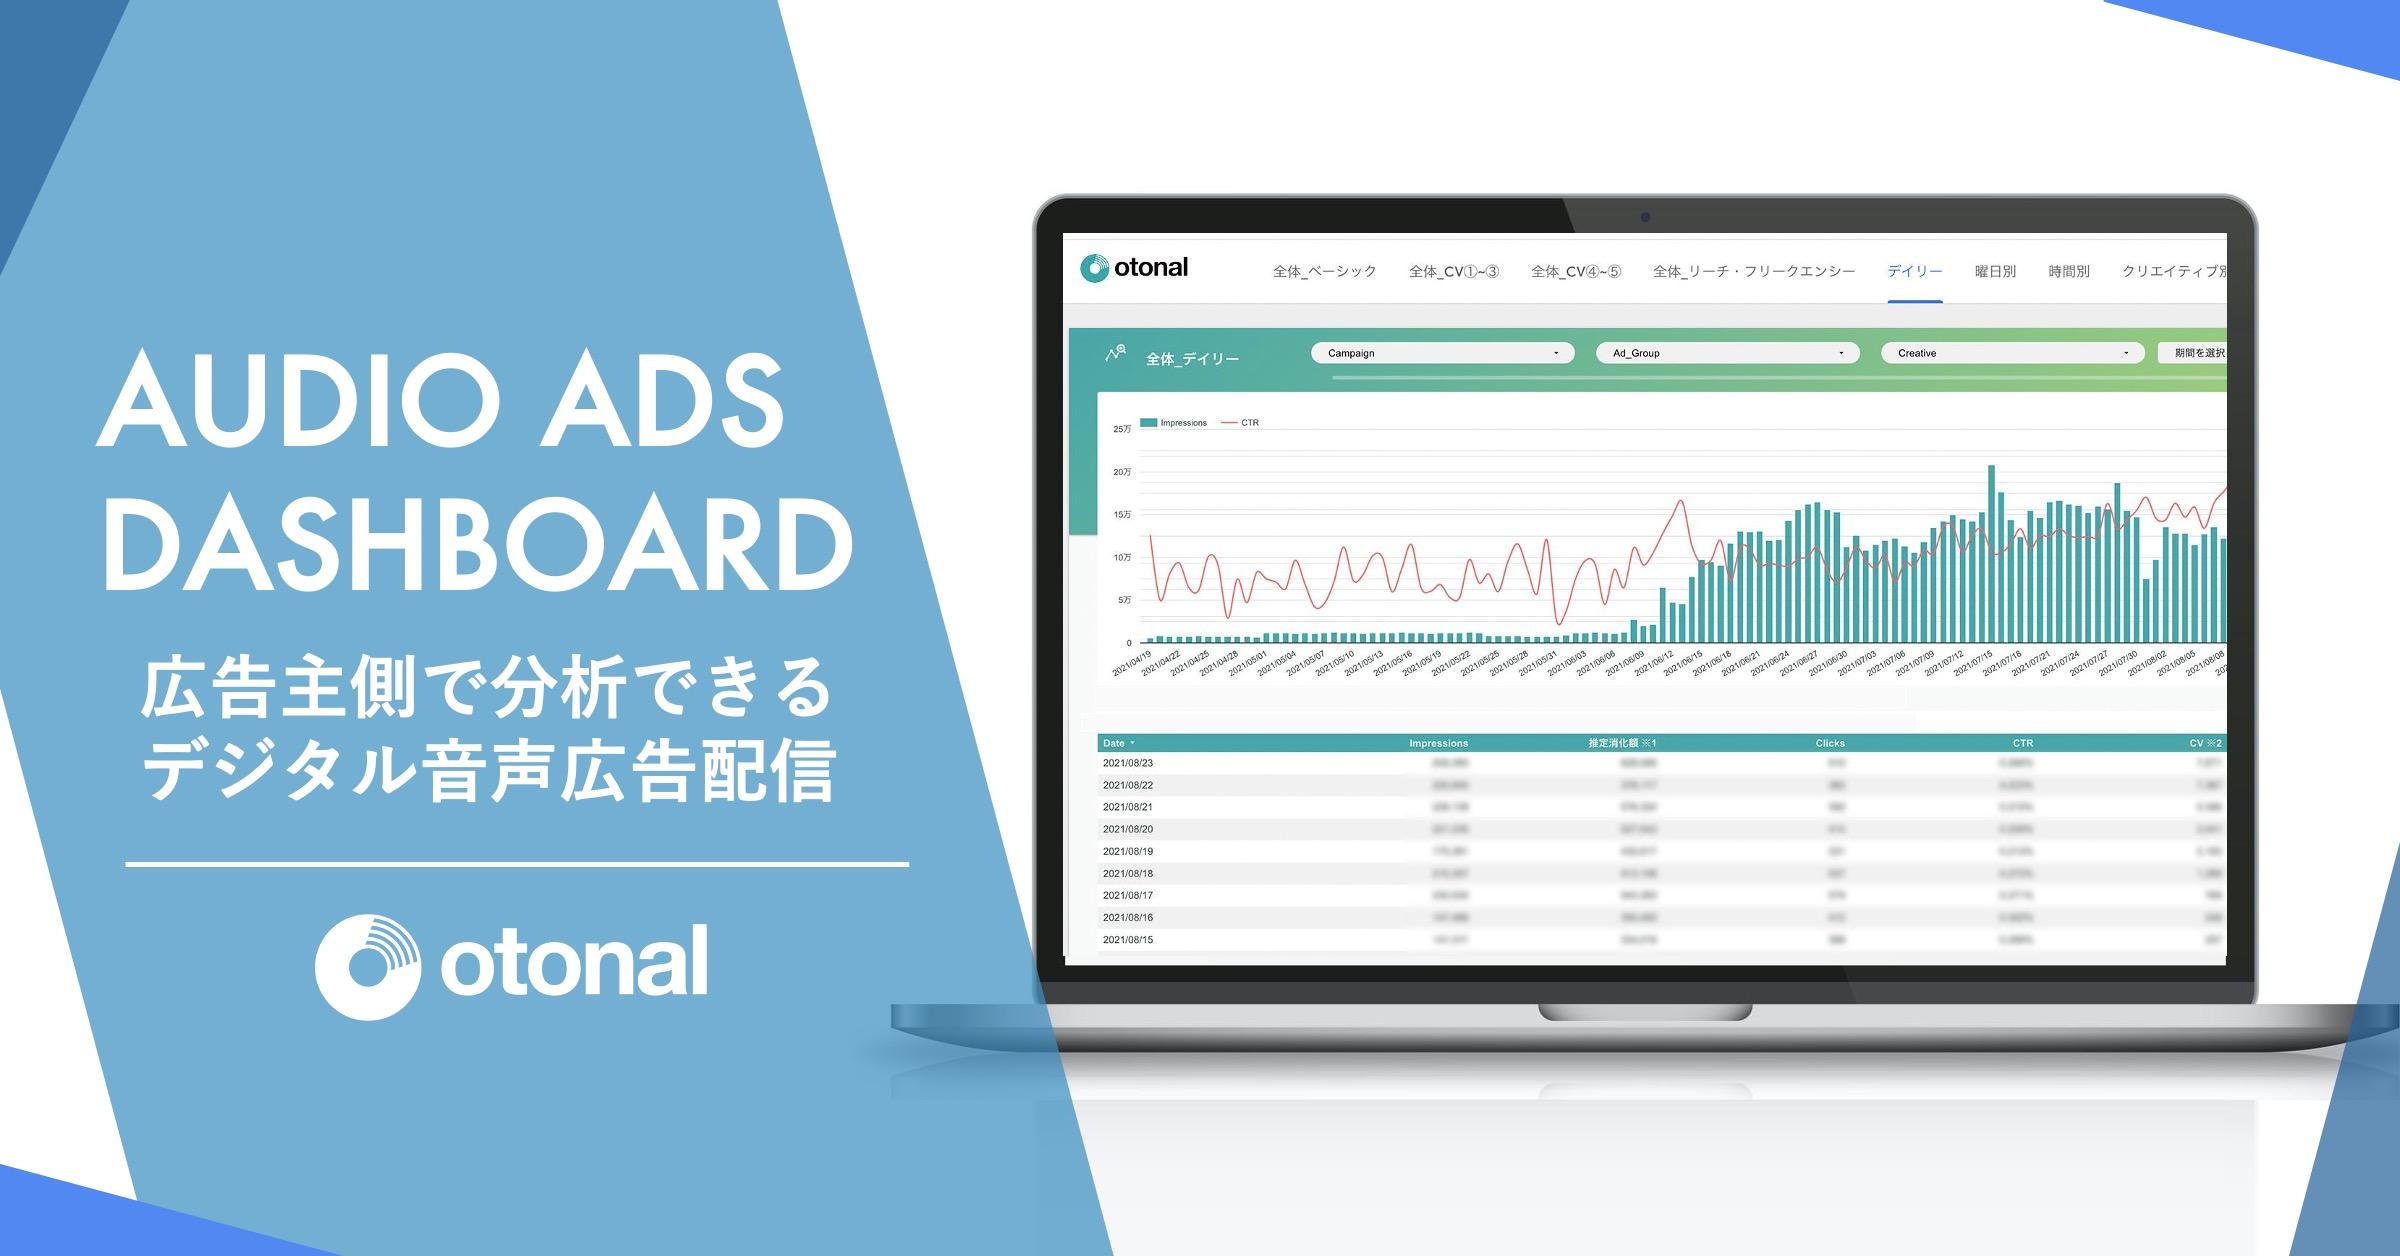 オトナル、デジタル音声広告の分析ダッシュボードを提供開始。Spotifyやradikoの広告配信状況をリアルタイムに確認可能。